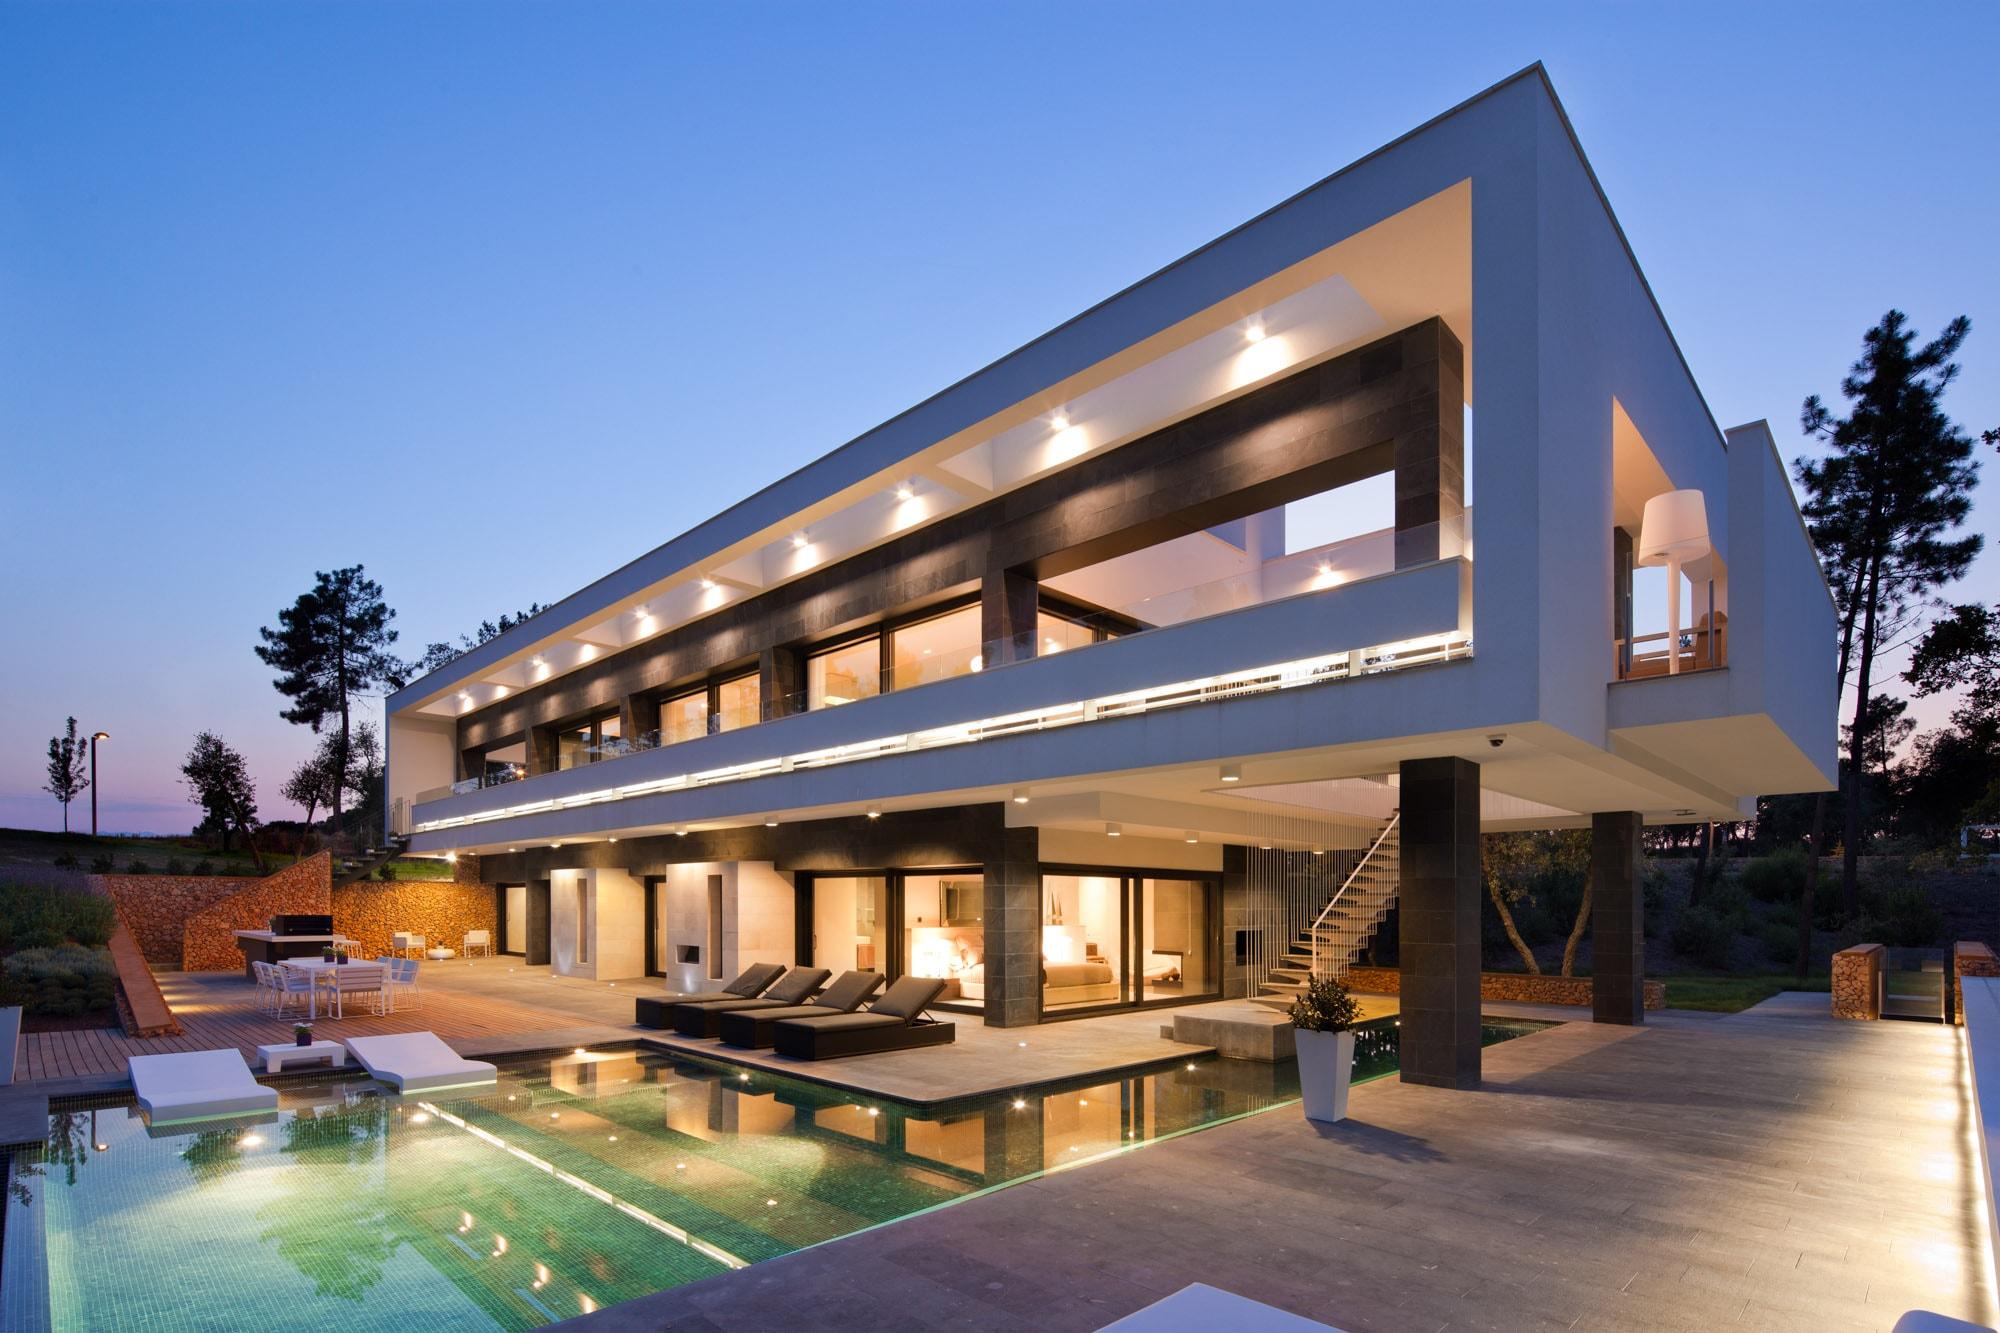 PGA Catalunya Resort: Setting für den Luxusurlaub, exklusiven Lifestyle und das Immobilien-Investment 1